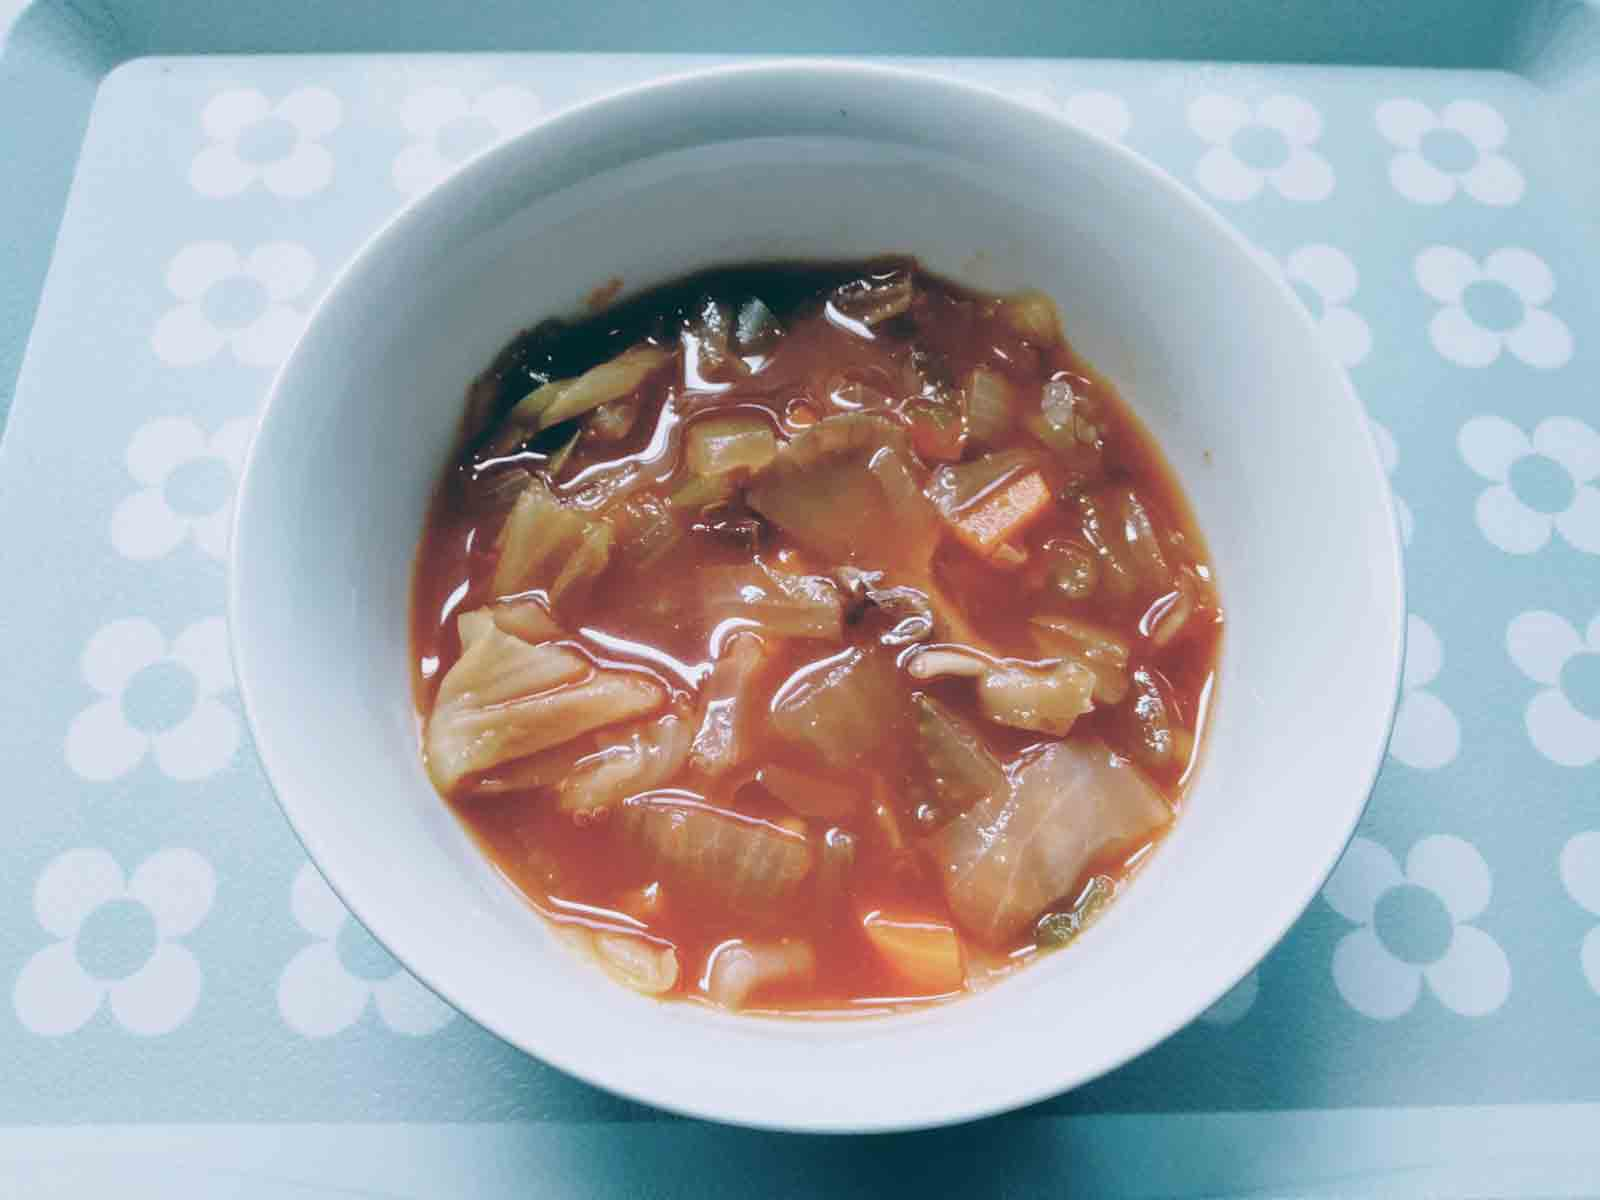 トマト缶で作る脂肪燃焼スープ